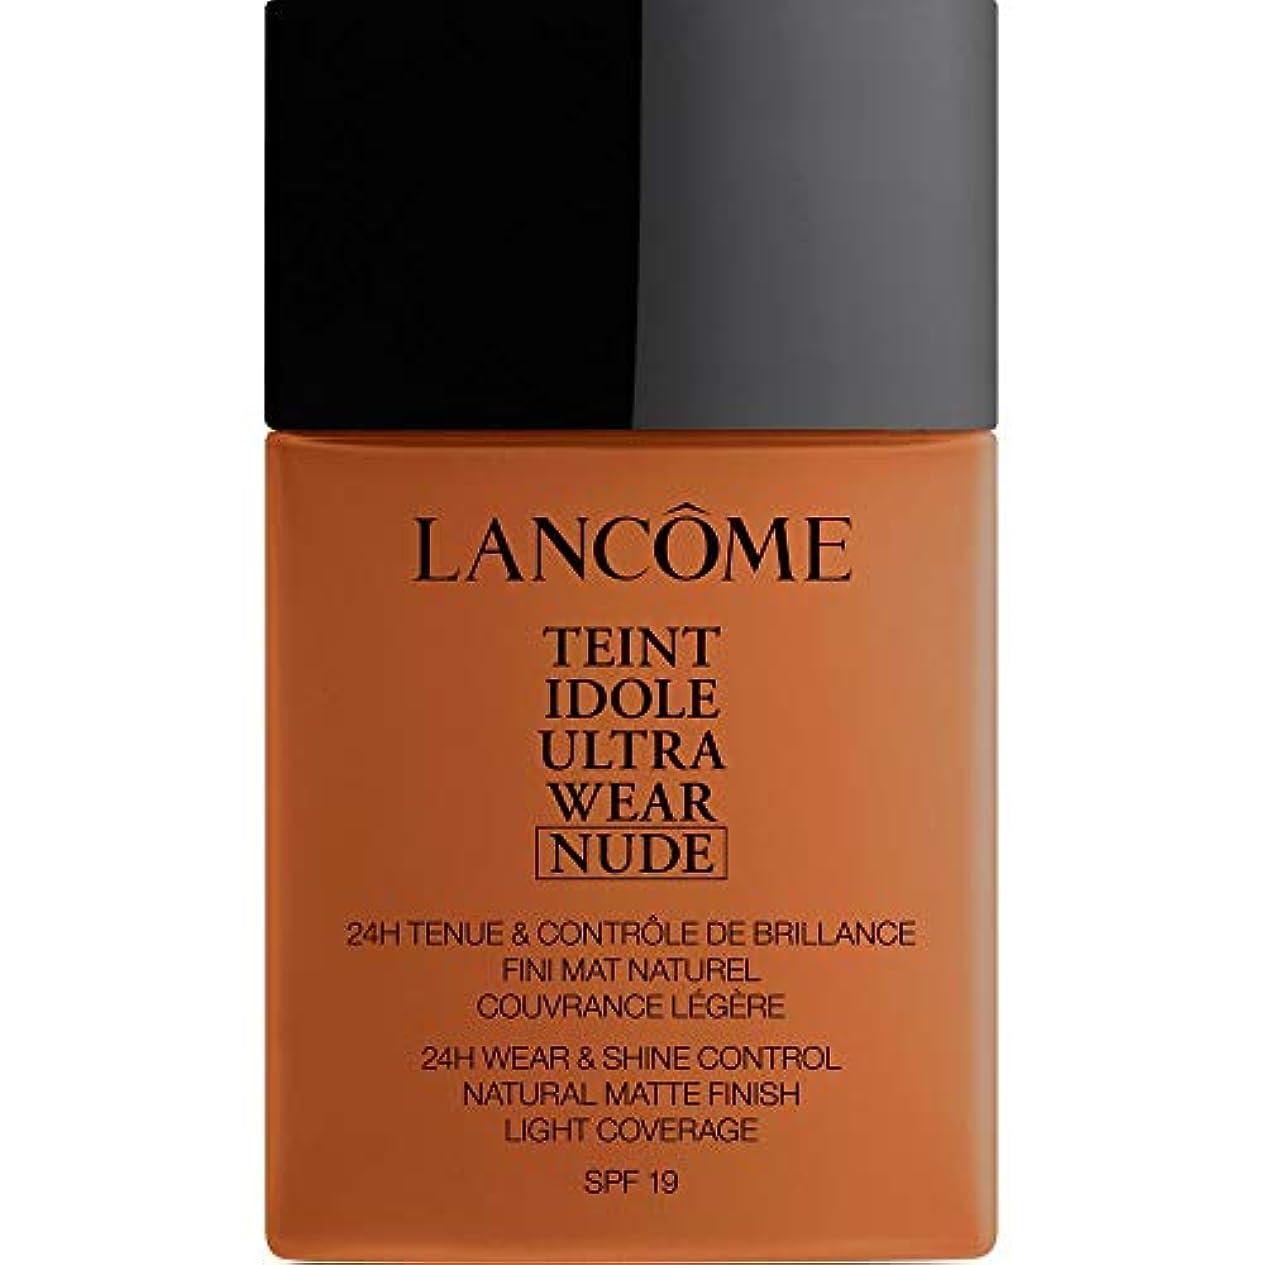 彼らのもの構成するセンブランス[Lanc?me ] アンブレ - ランコムTeintのIdoleは、超ヌード基礎Spf19の40ミリリットル12を着用します - Lancome Teint Idole Ultra Wear Nude Foundation...